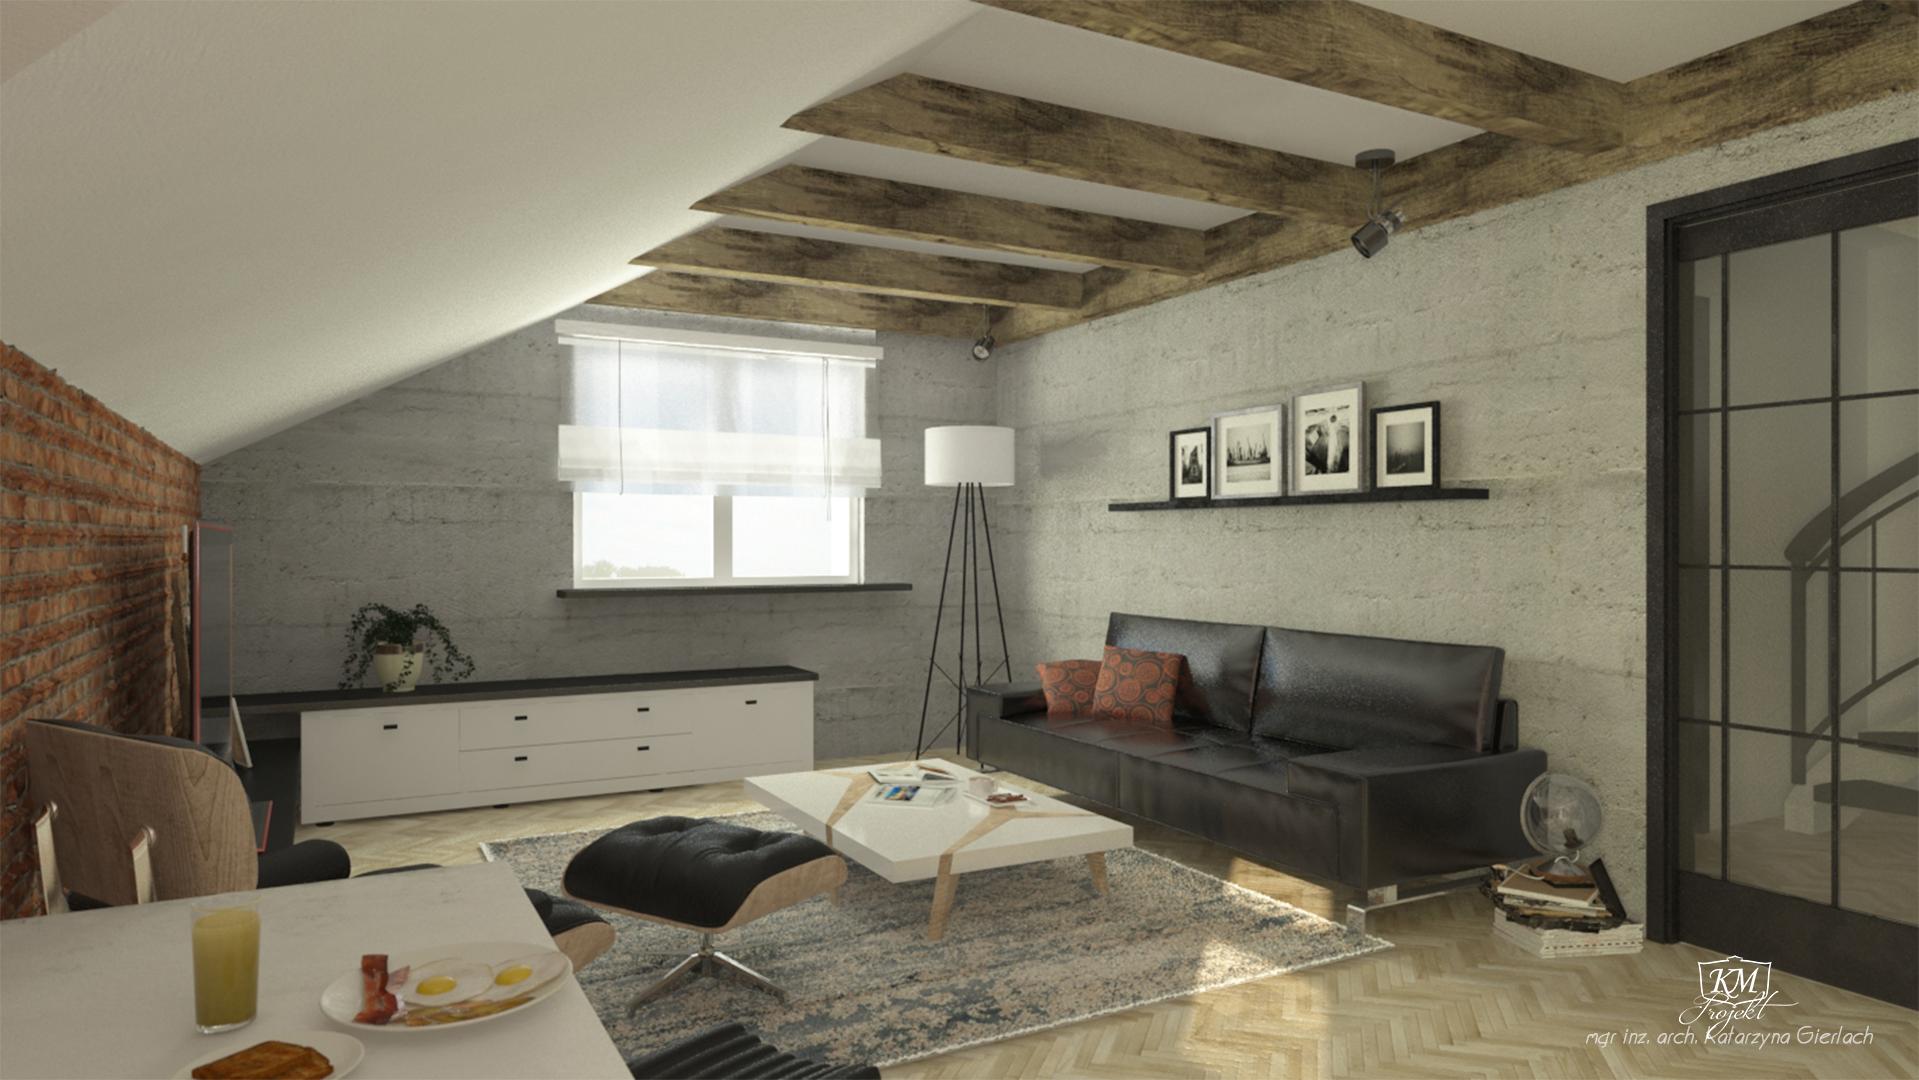 Mieszkanie zprojektem wnętrza